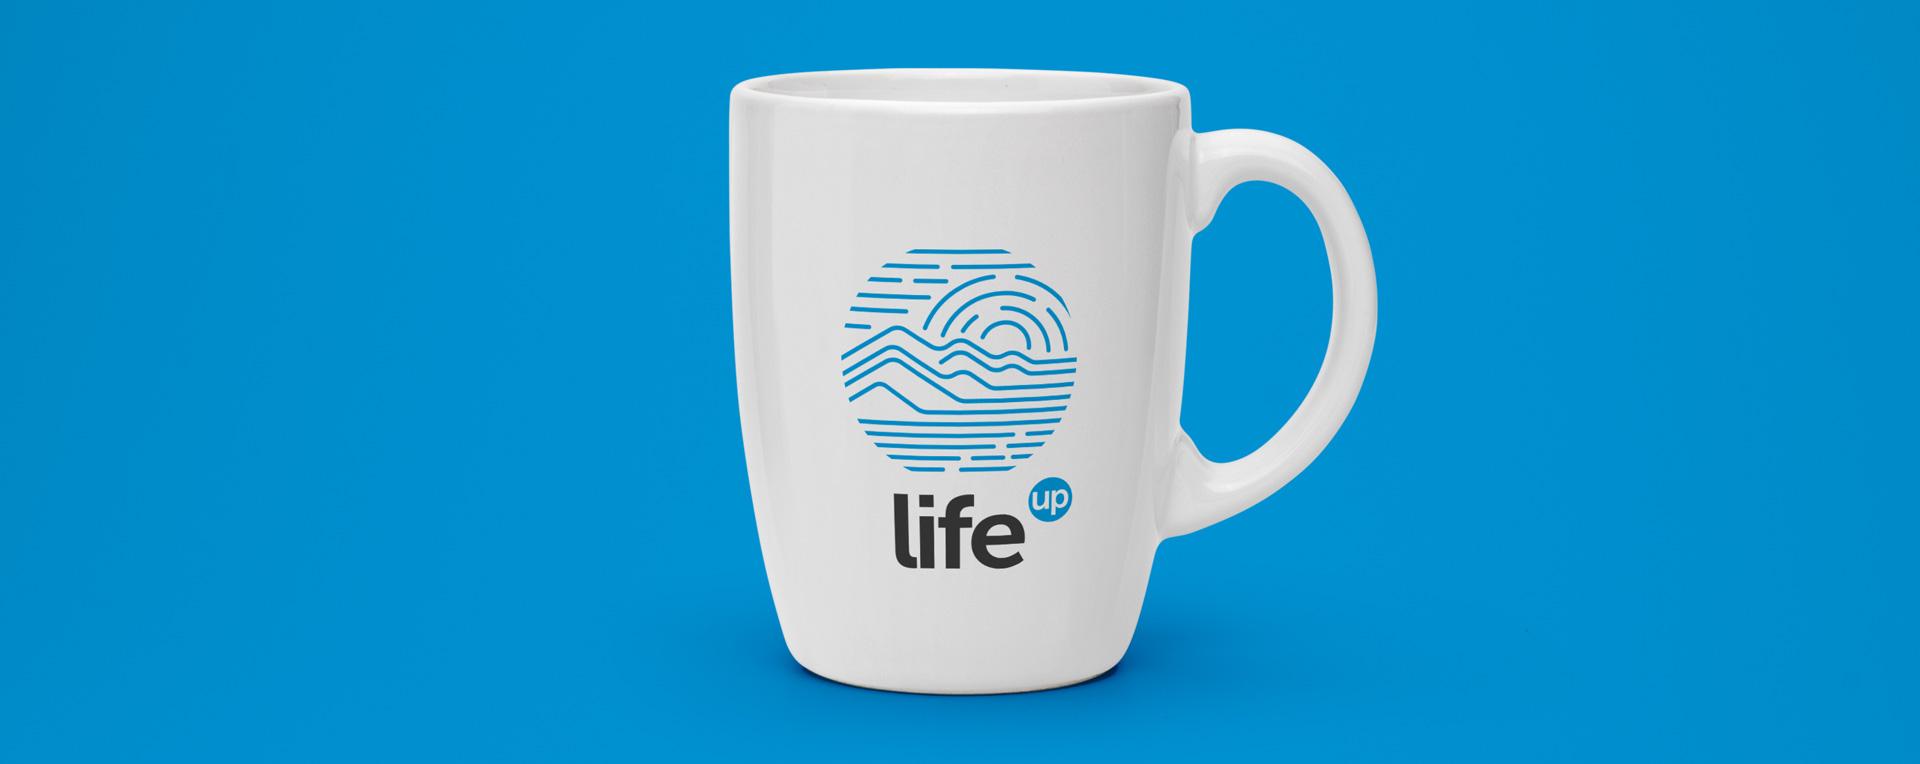 LifeUp-дизайн-сувениров